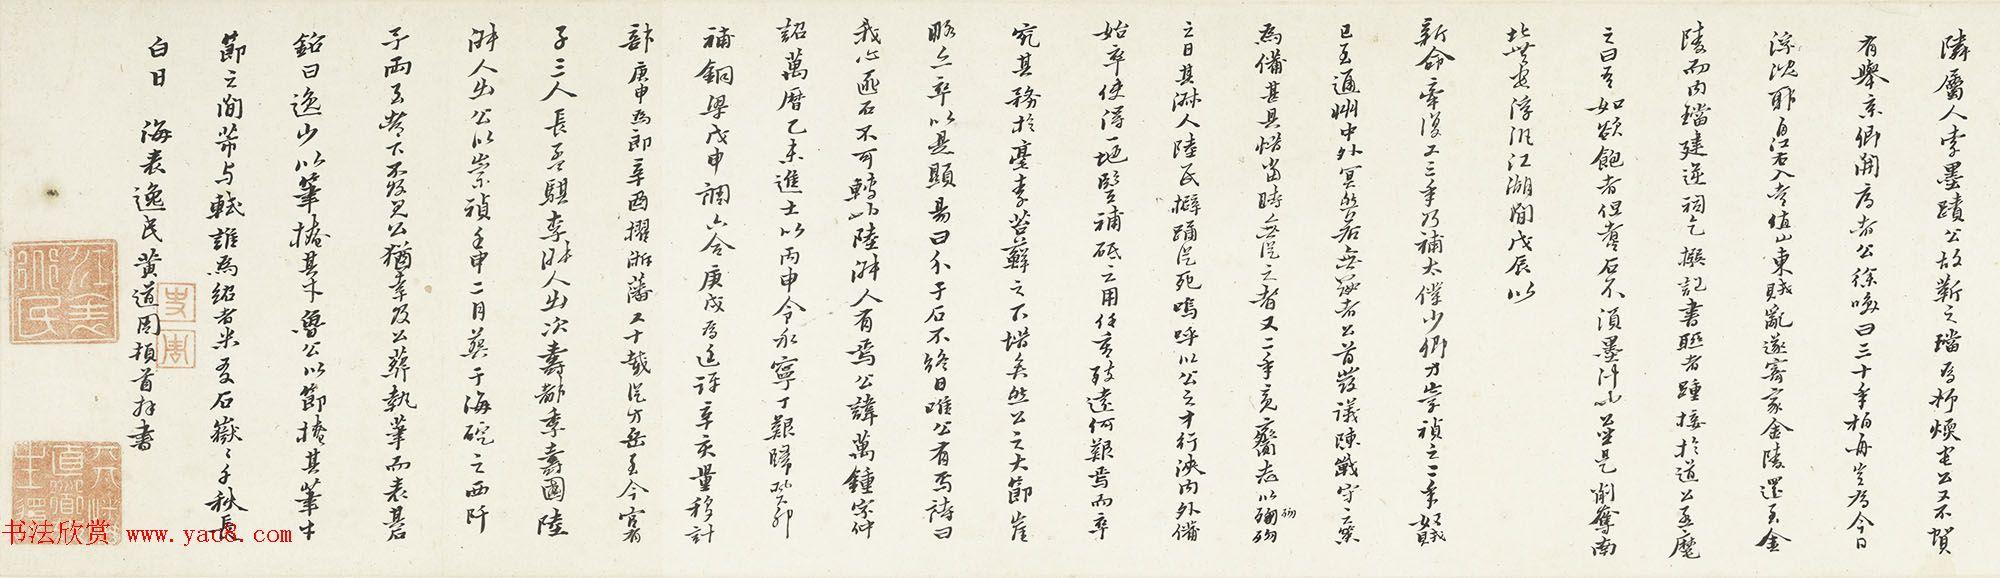 黄道周行书手卷欣赏《米万钟墓表卷》